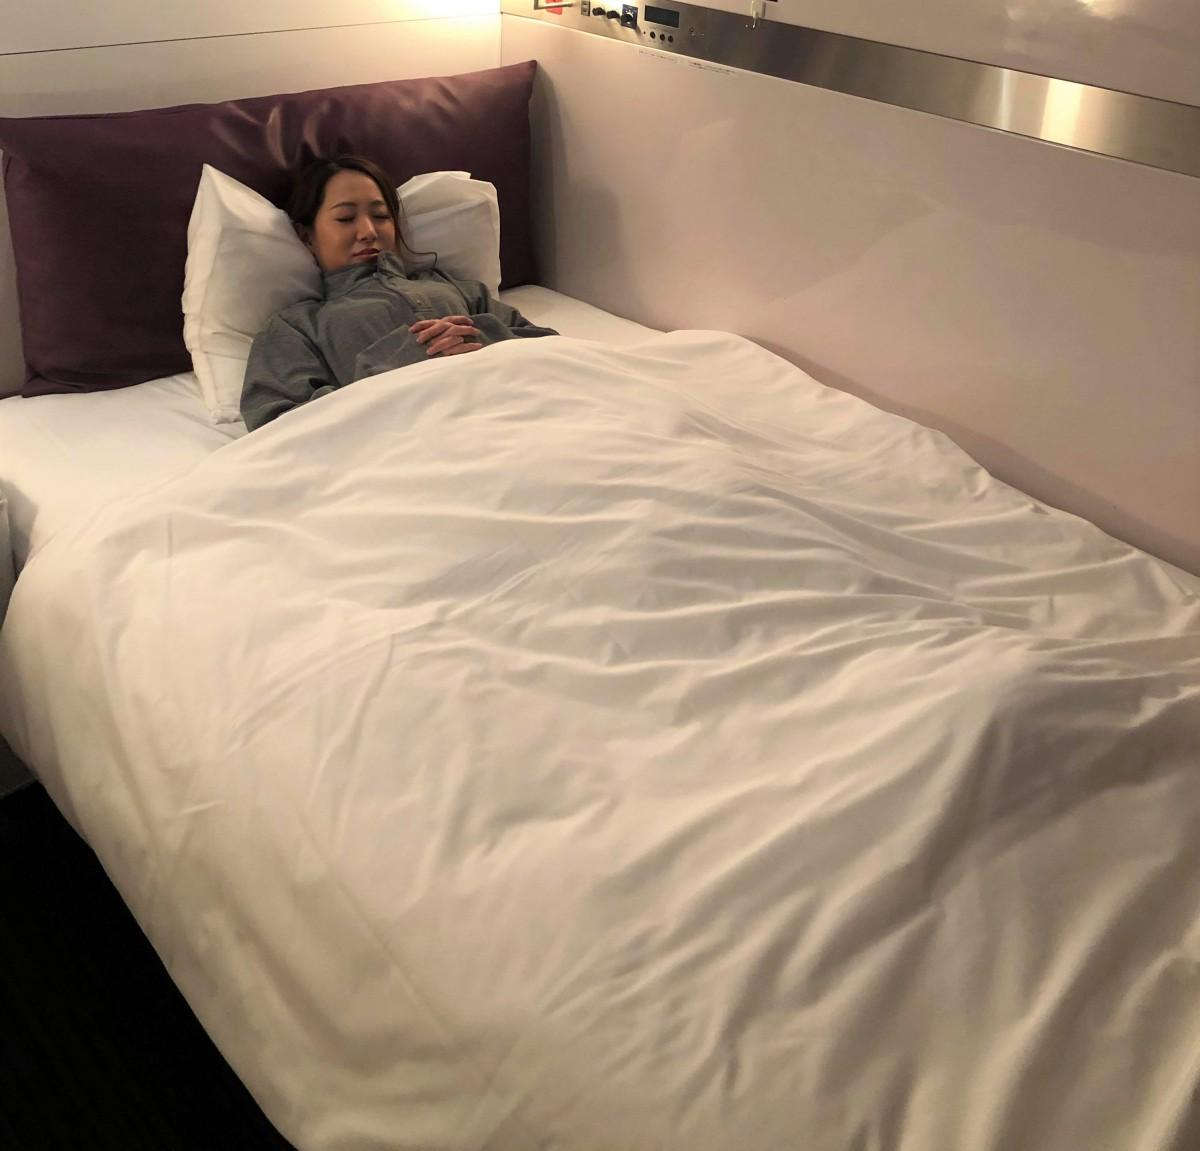 帝人フロンティアと共同開発の機能性寝具で睡眠